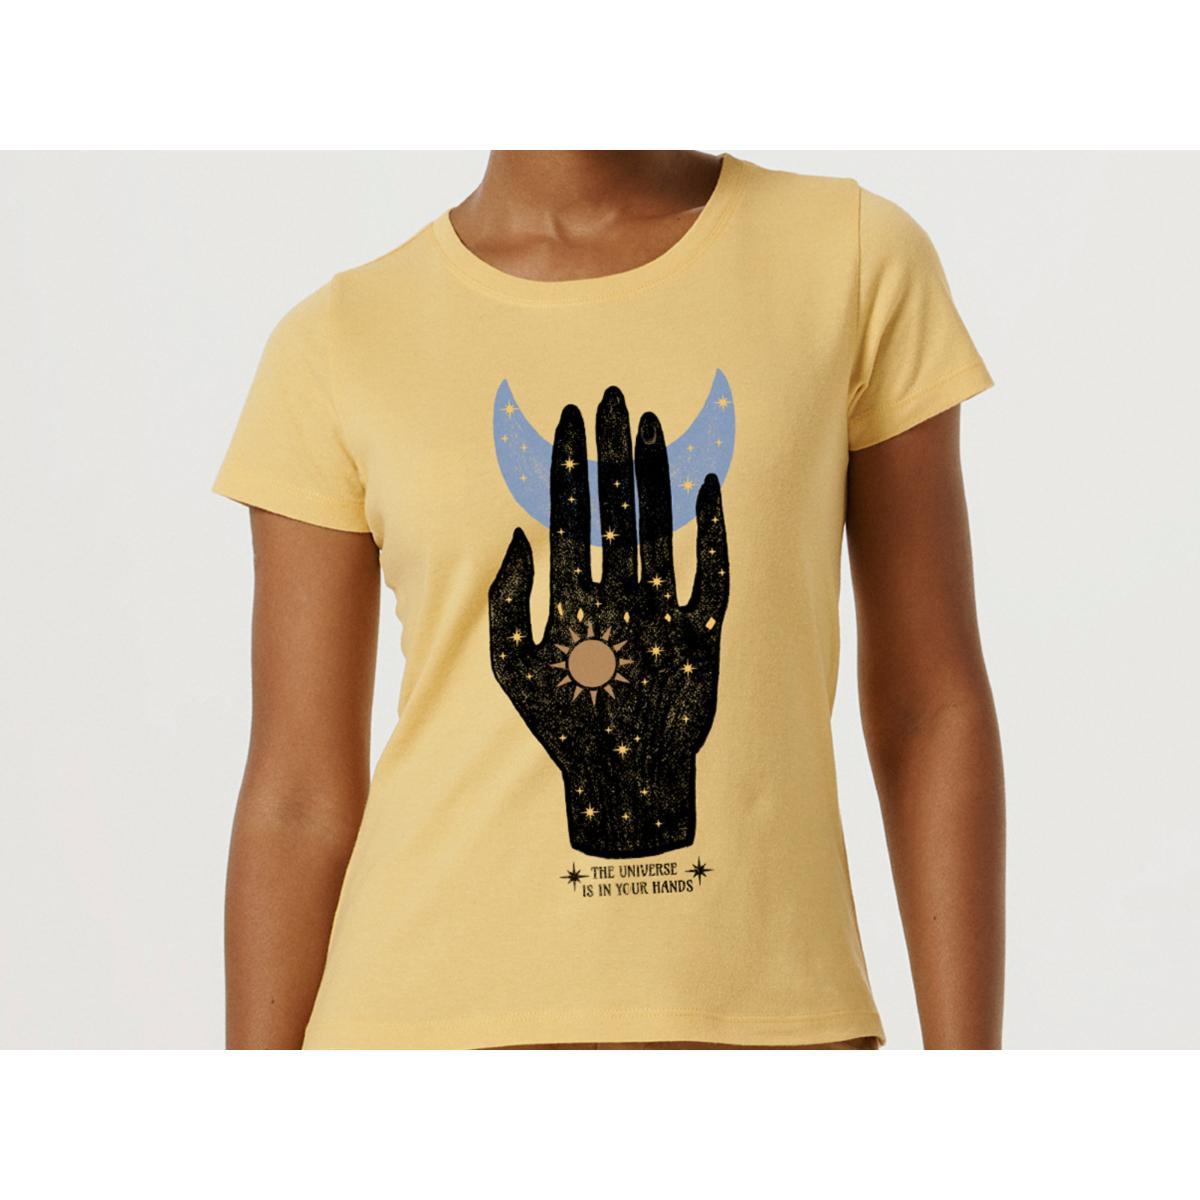 T-shirt Feminino Hering 4enk 2ken Amarelo